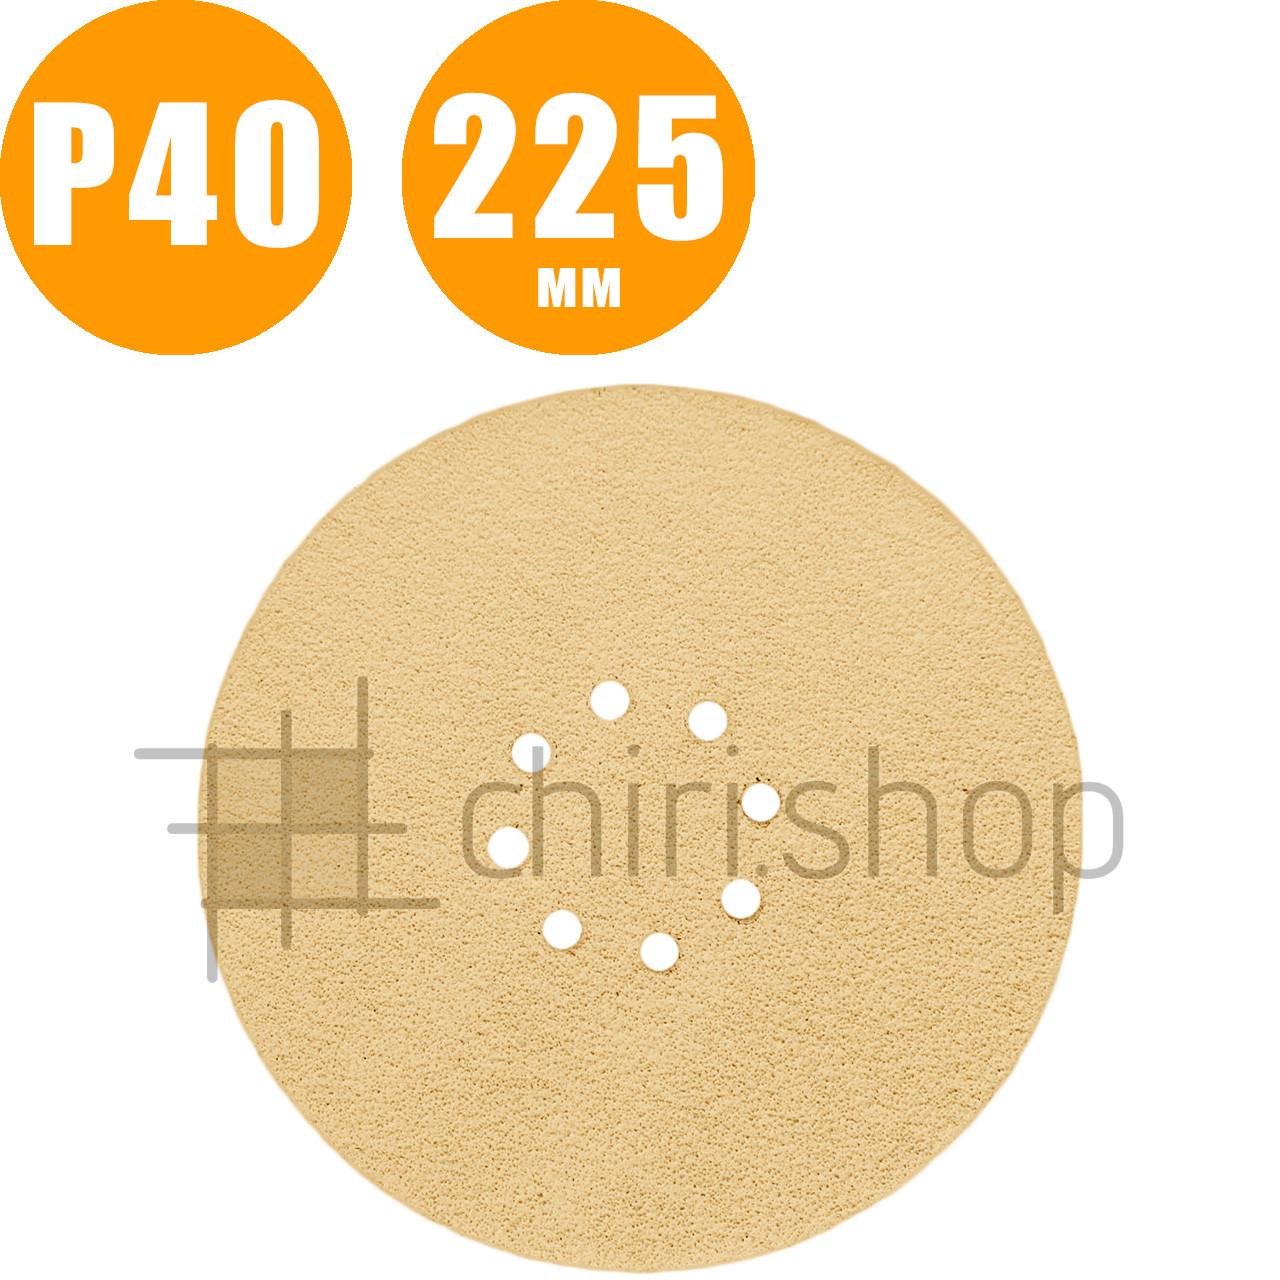 Шлифовальный круг 225 мм, наждачный круг на липучке с отверстиями, наждачка для шлифмашины жираф